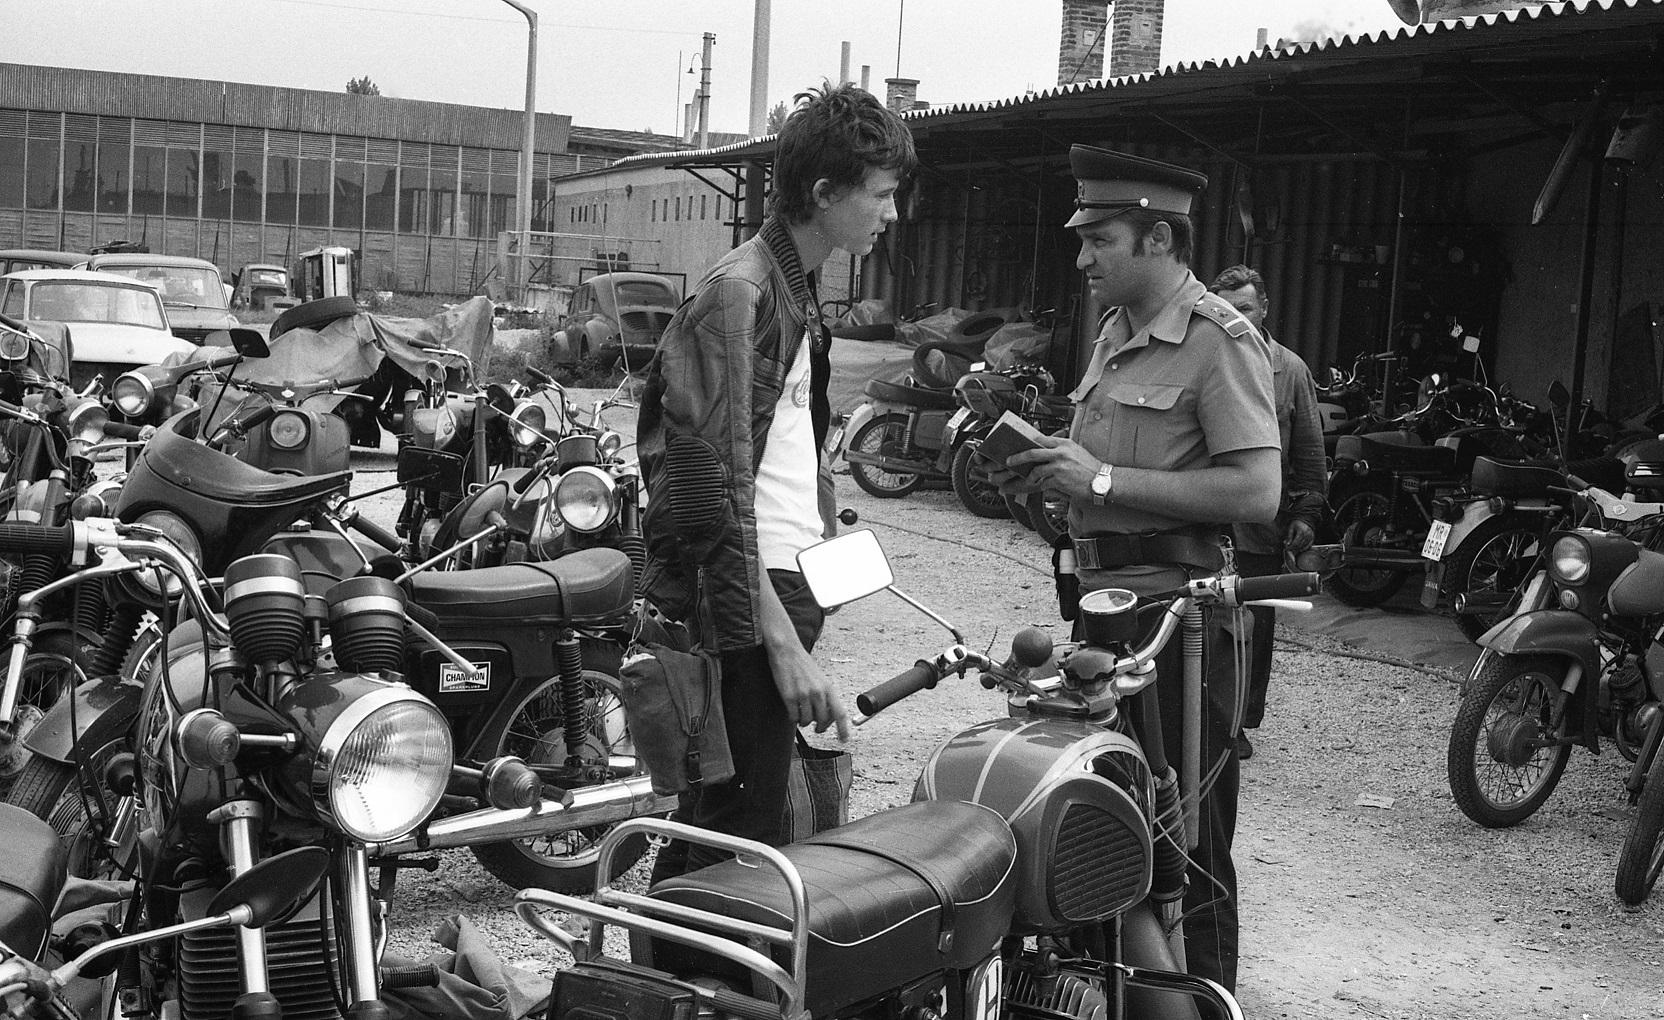 A magyar motorszerelő gépjármű-technikusi végzettsége az osztrákoknak jó volt, itthon viszont OKJ-s motorszerelő tanfolyamra akarták küldeni